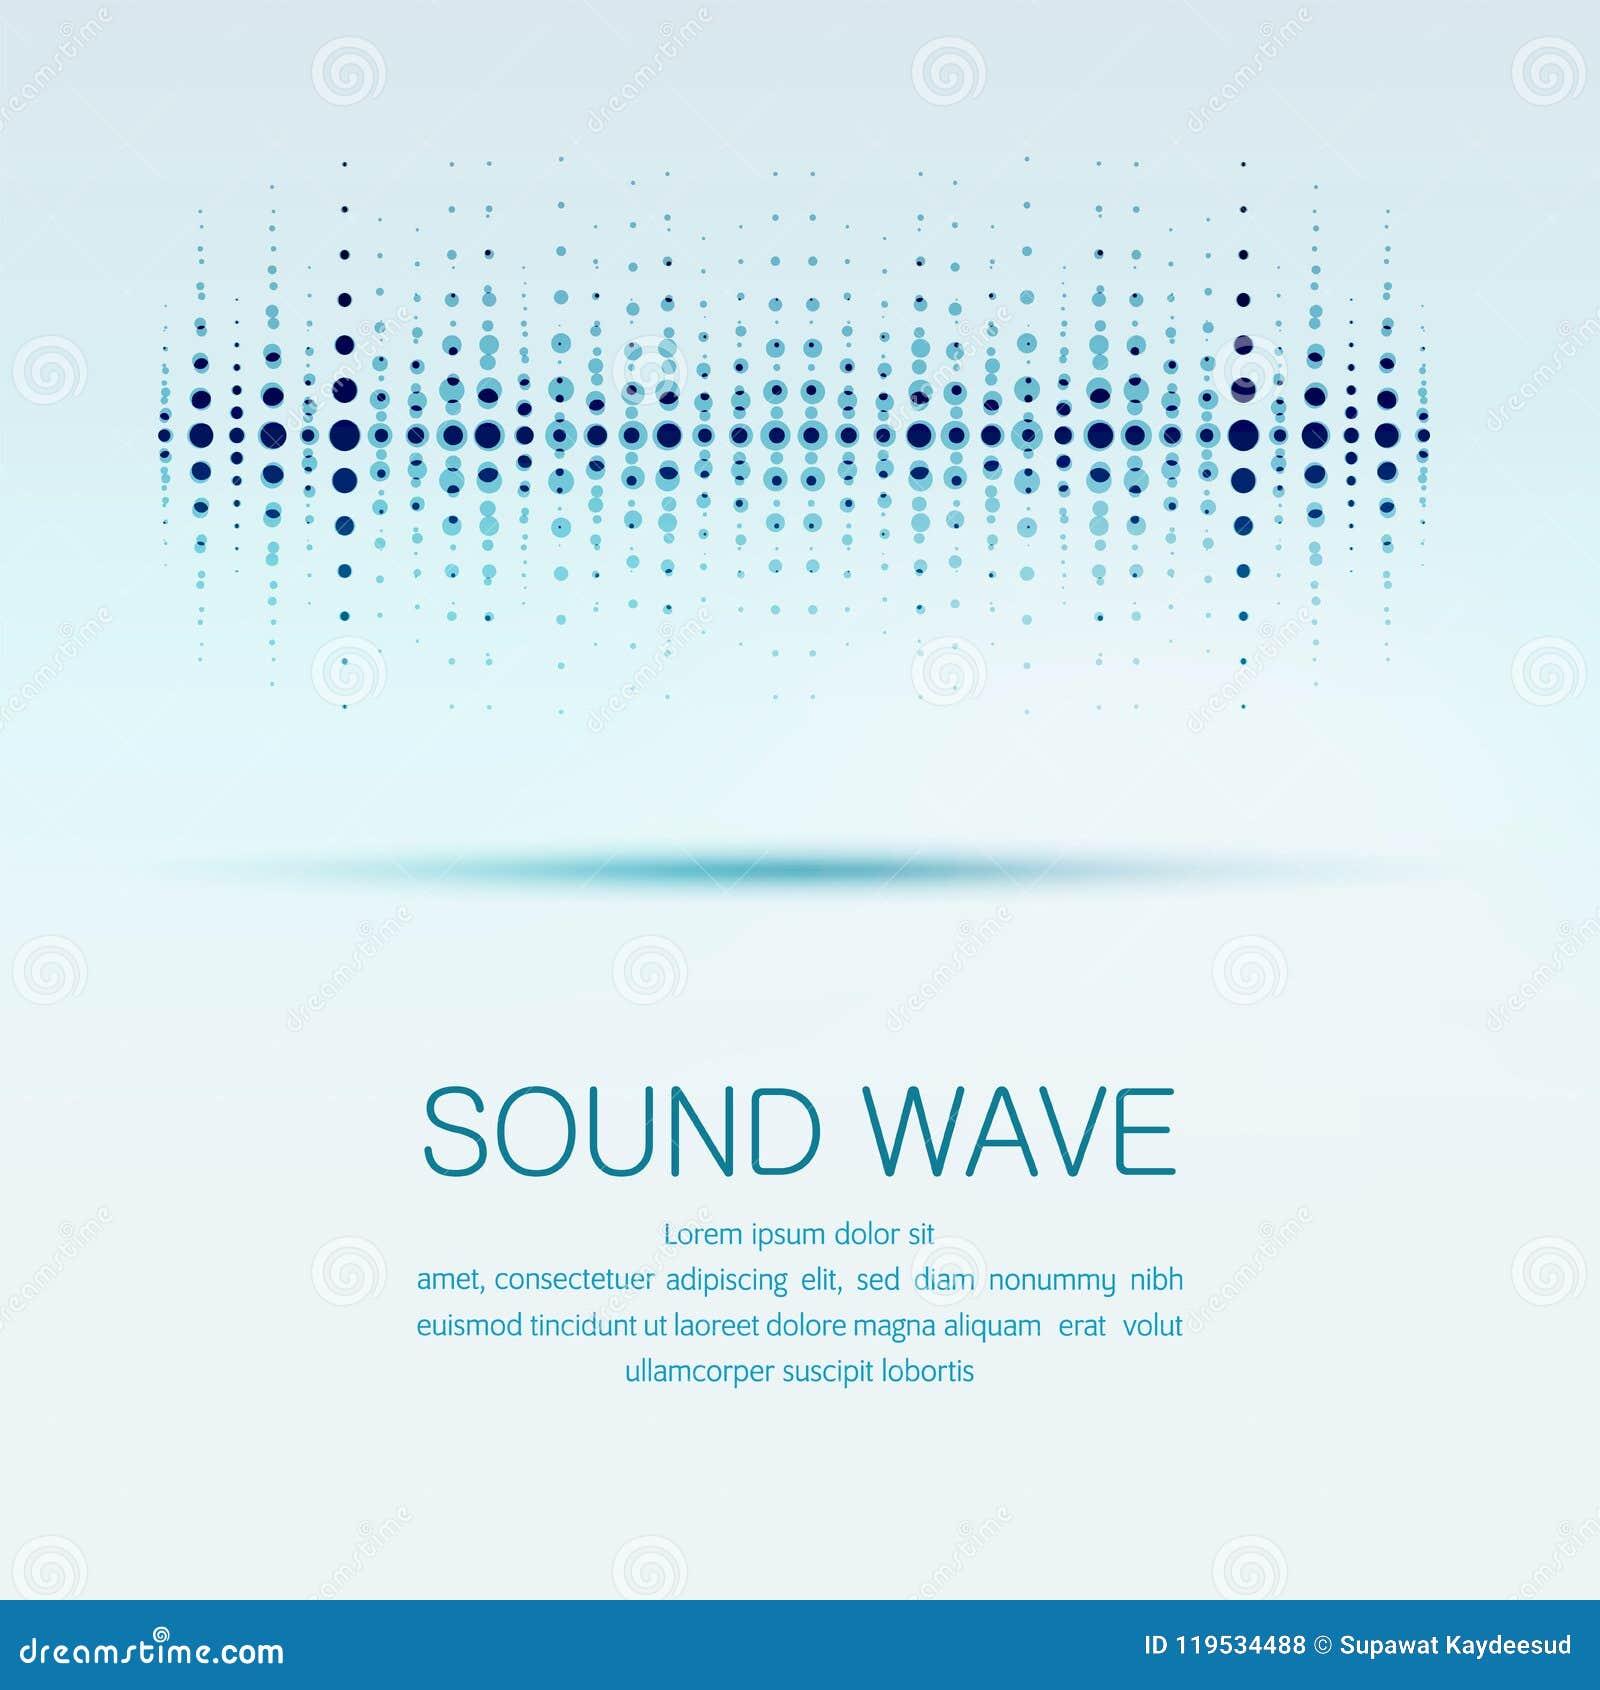 Sound wave stock vector  Illustration of waveform, science - 119534488